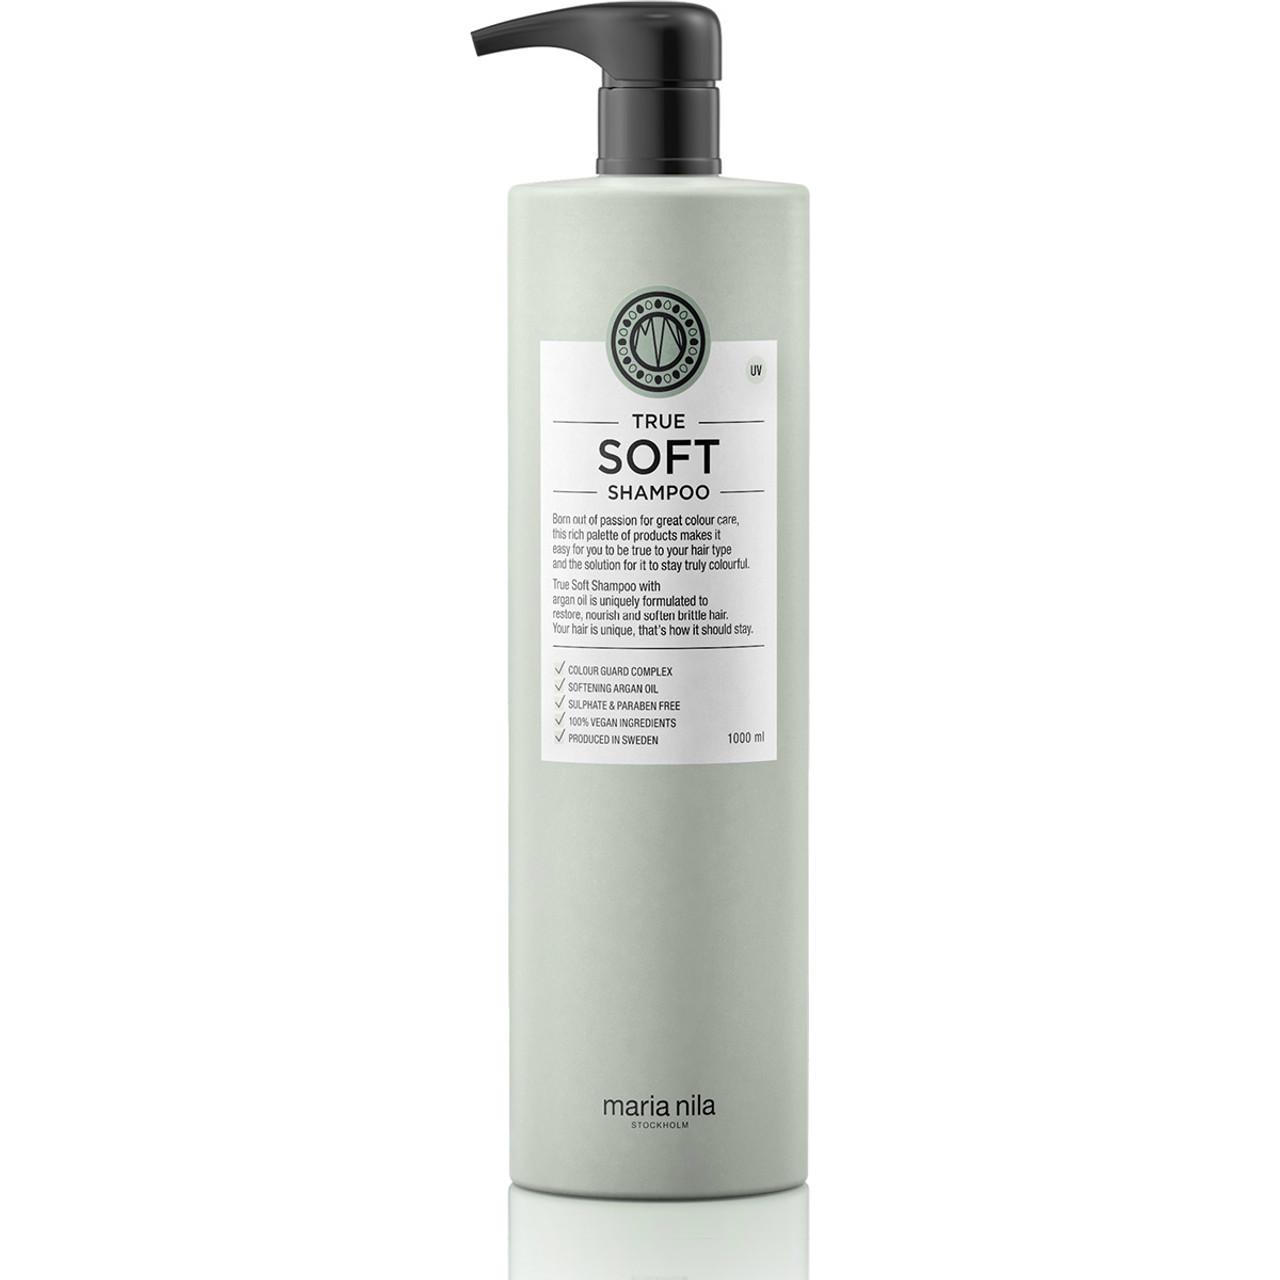 Maria Nila True Soft Shampoo 33.8 oz